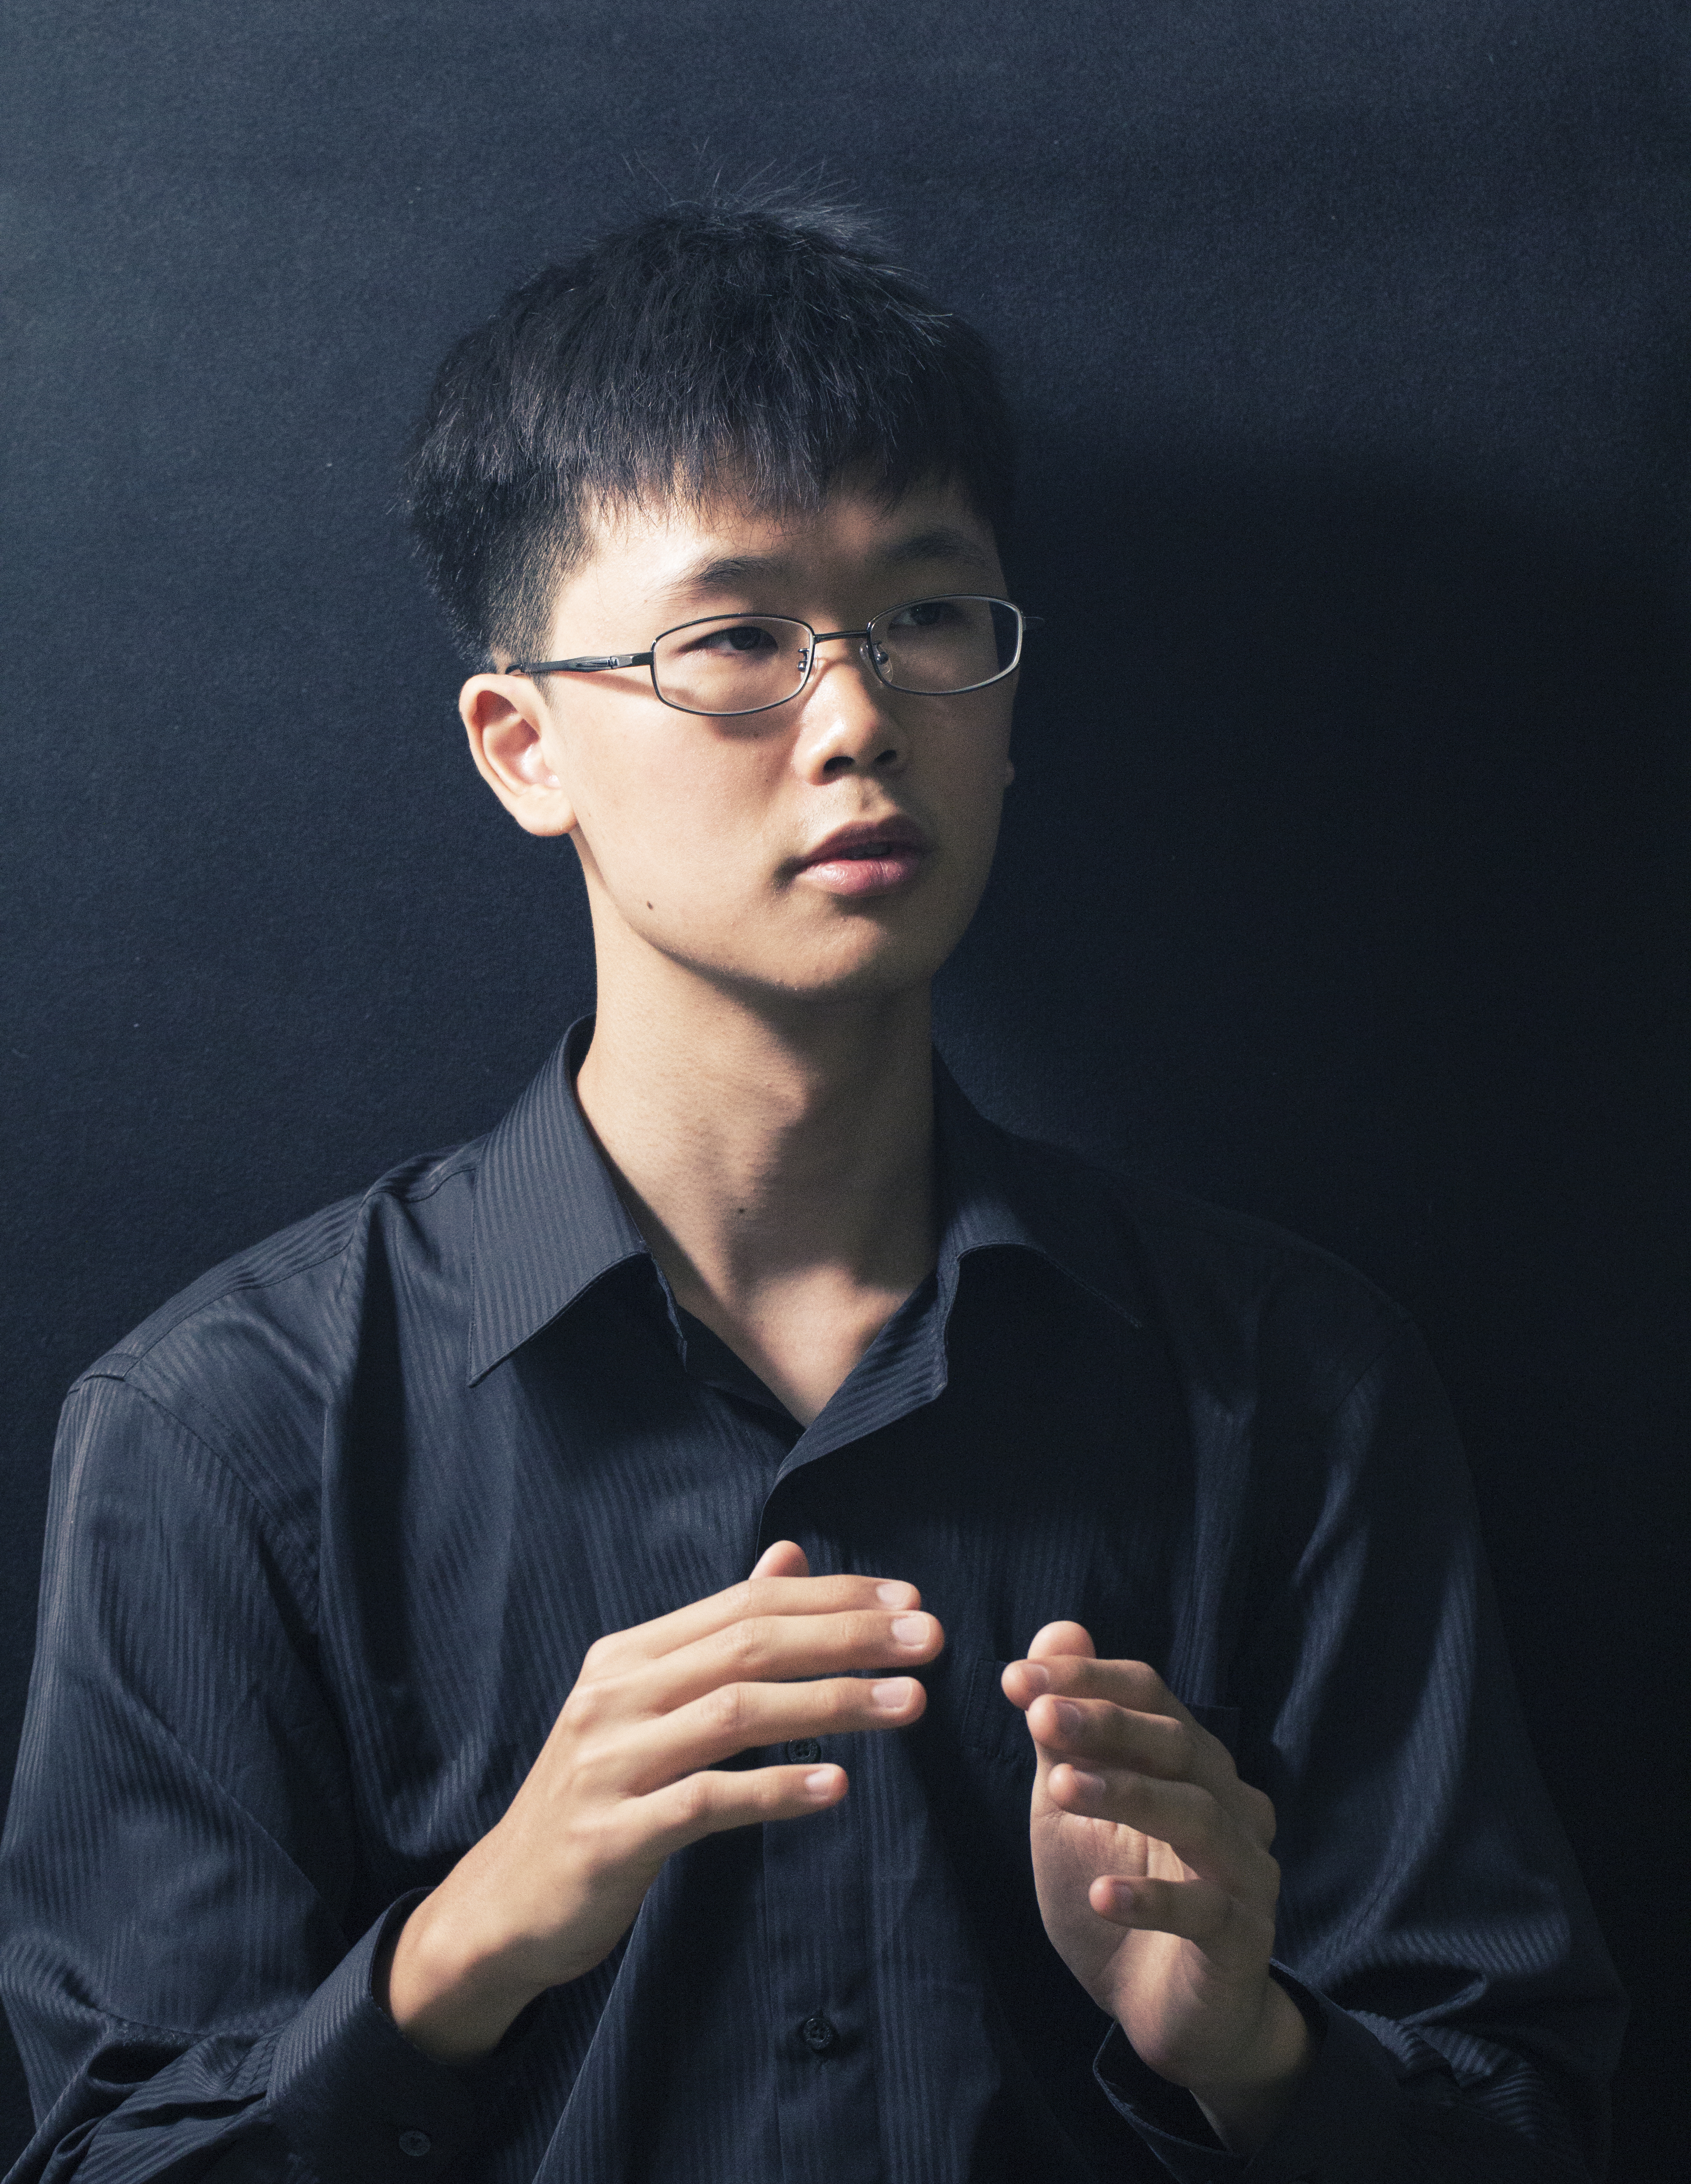 趙奕翔 I-HSIAN CHAO